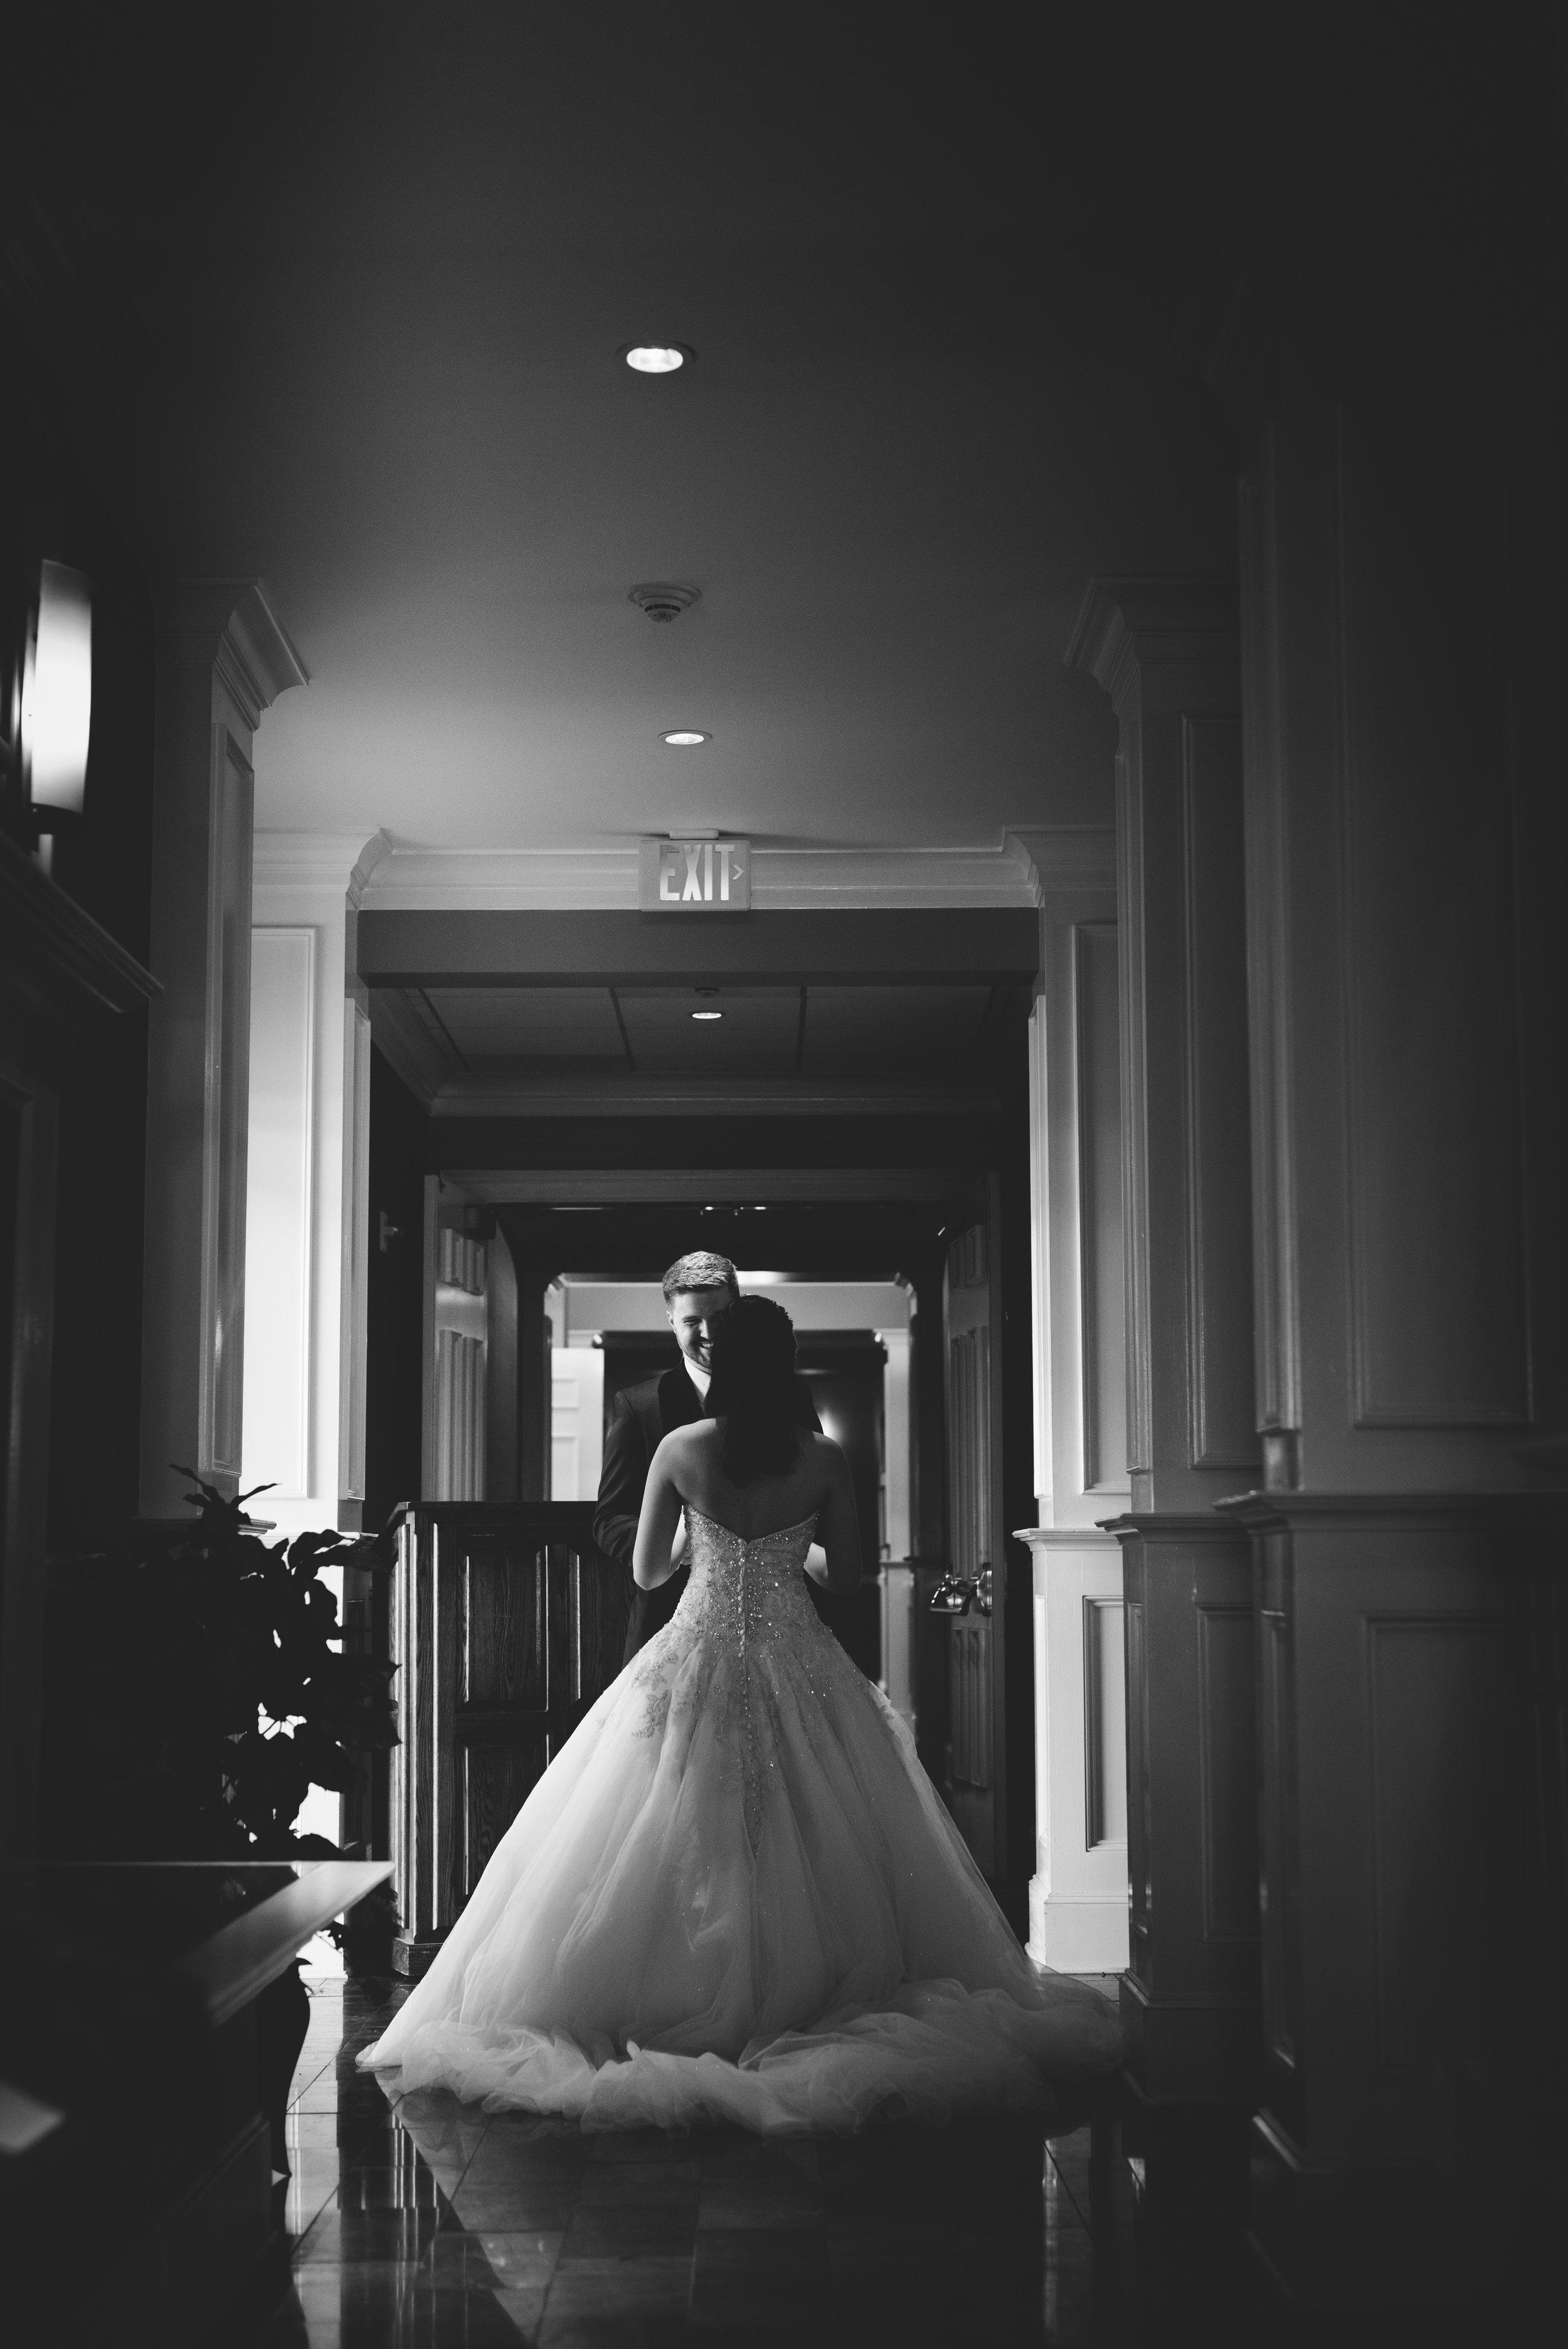 2star-wedding-mikaela-frasier (7 of 44).jpg